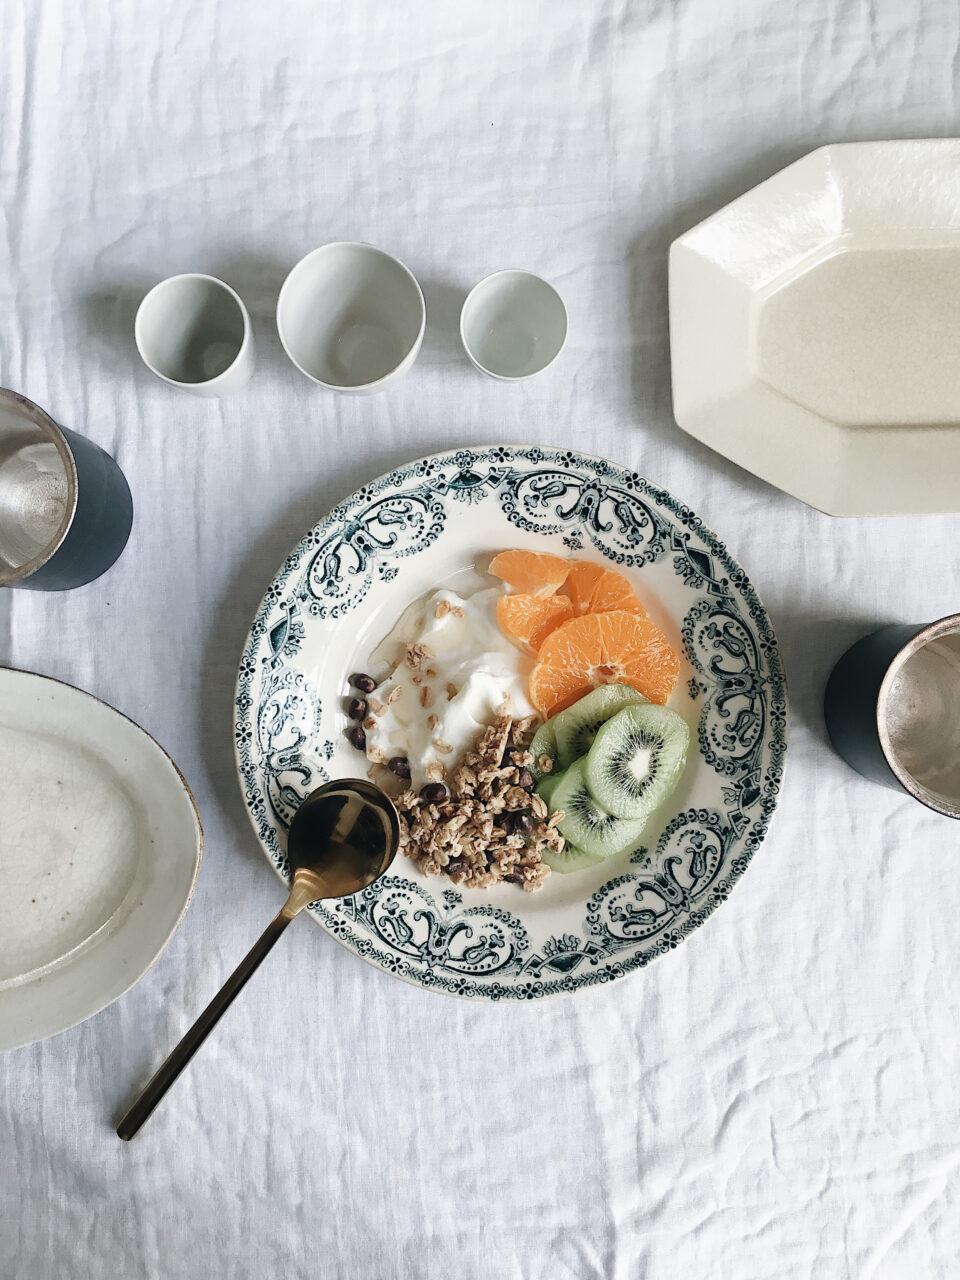 もうゴメンナサイは言わない。賞味期限が長い食品&食材を使ったレシピをご紹介